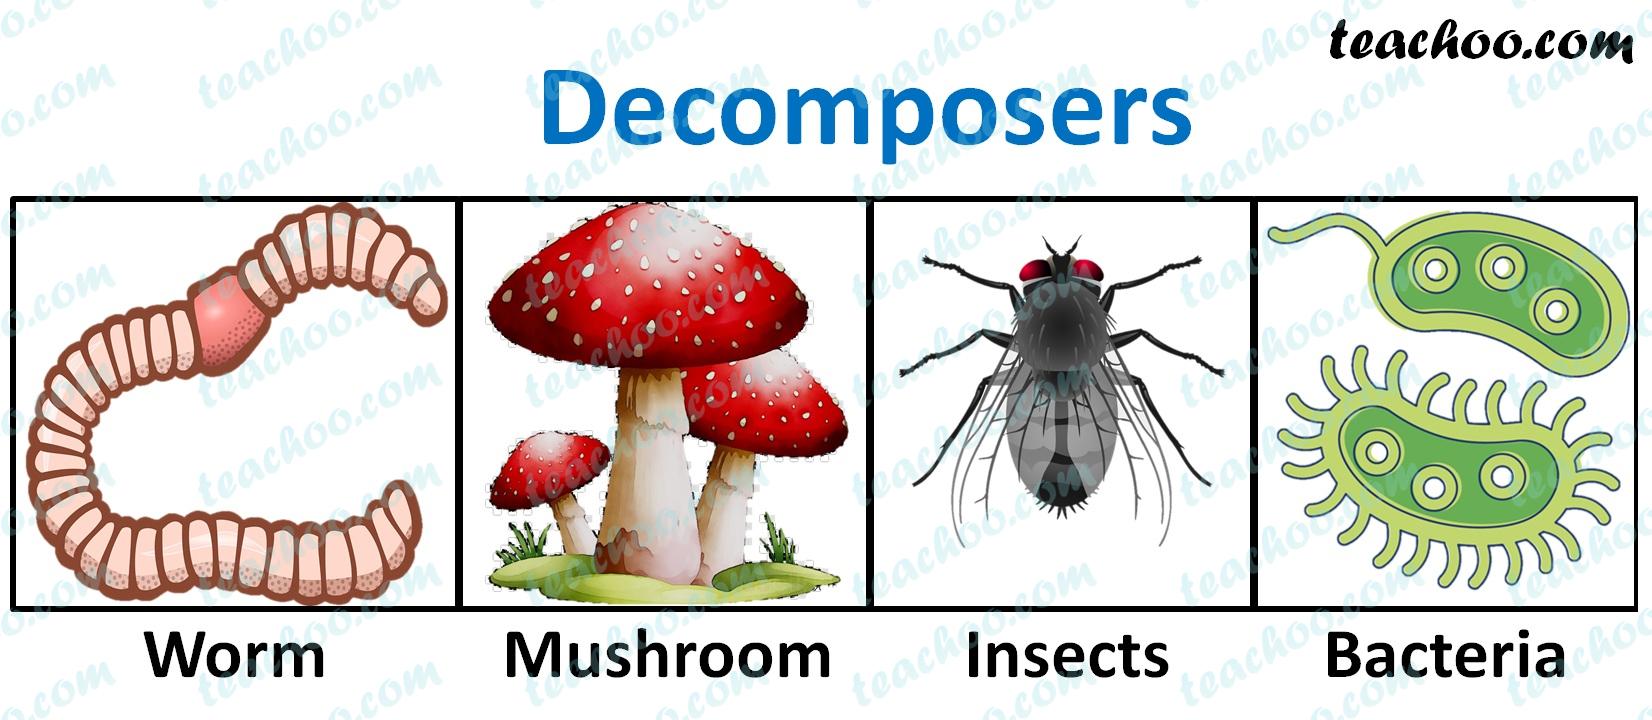 decomposers---teachoo.jpg